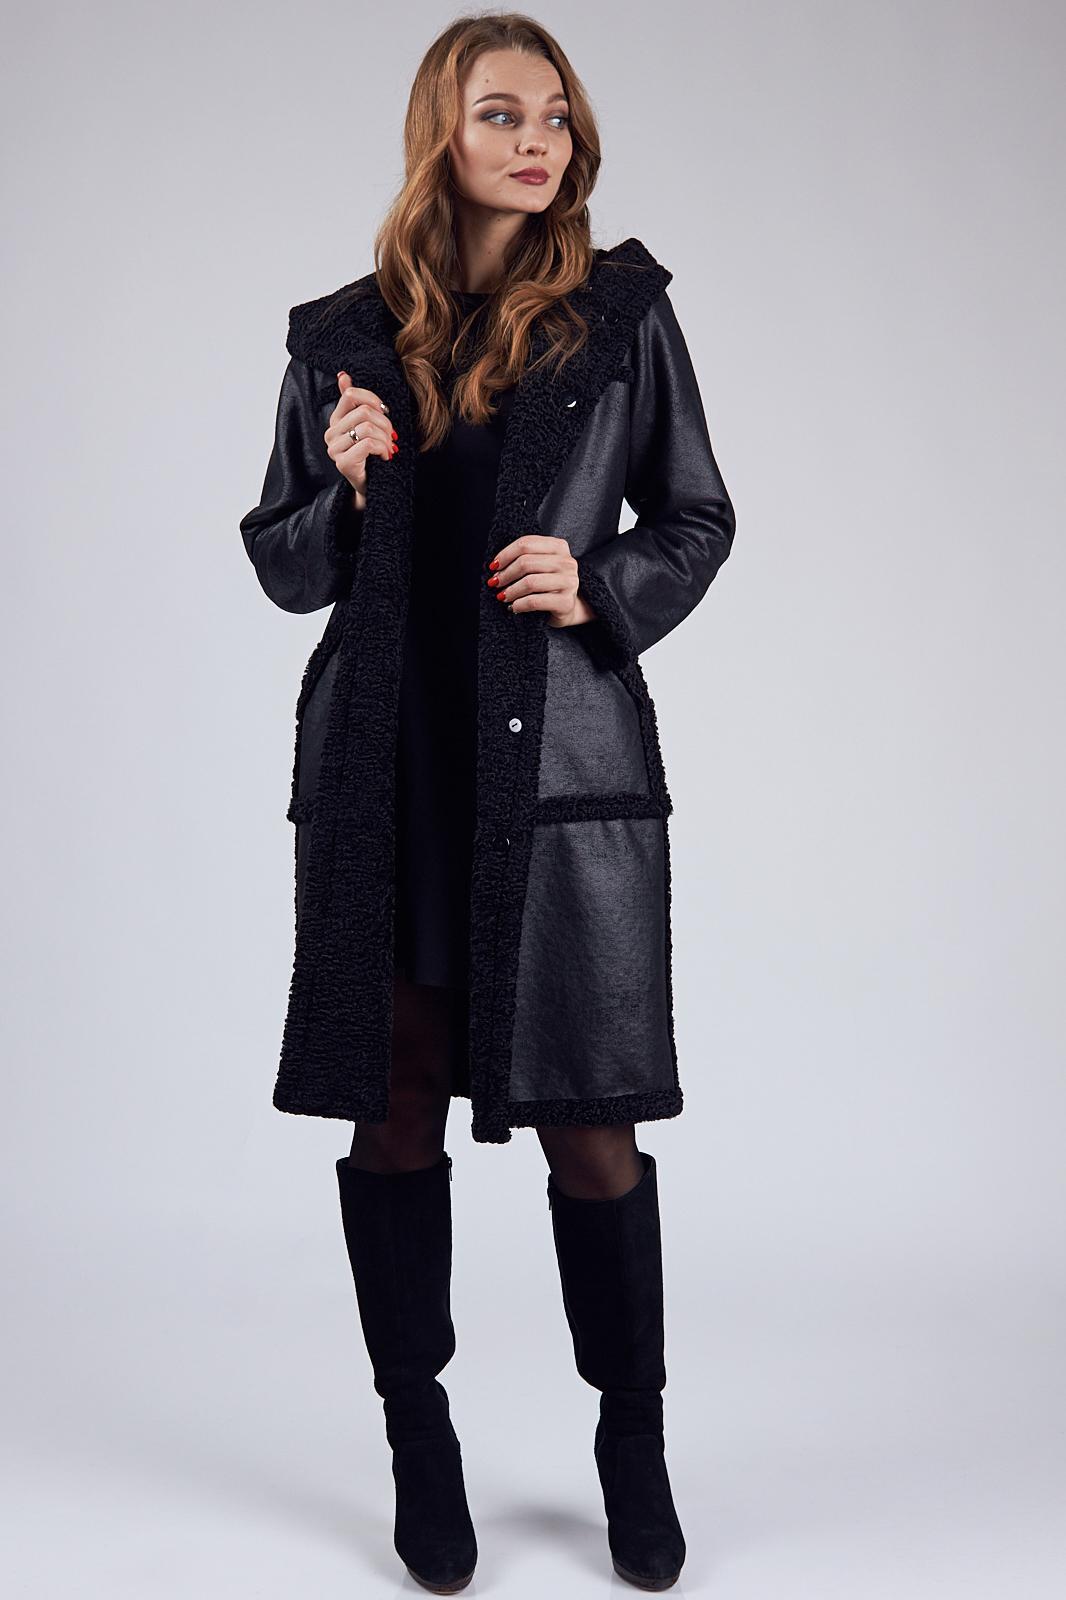 d5c4640a011 Купить женское пальто в Минске. Белорусские пальто